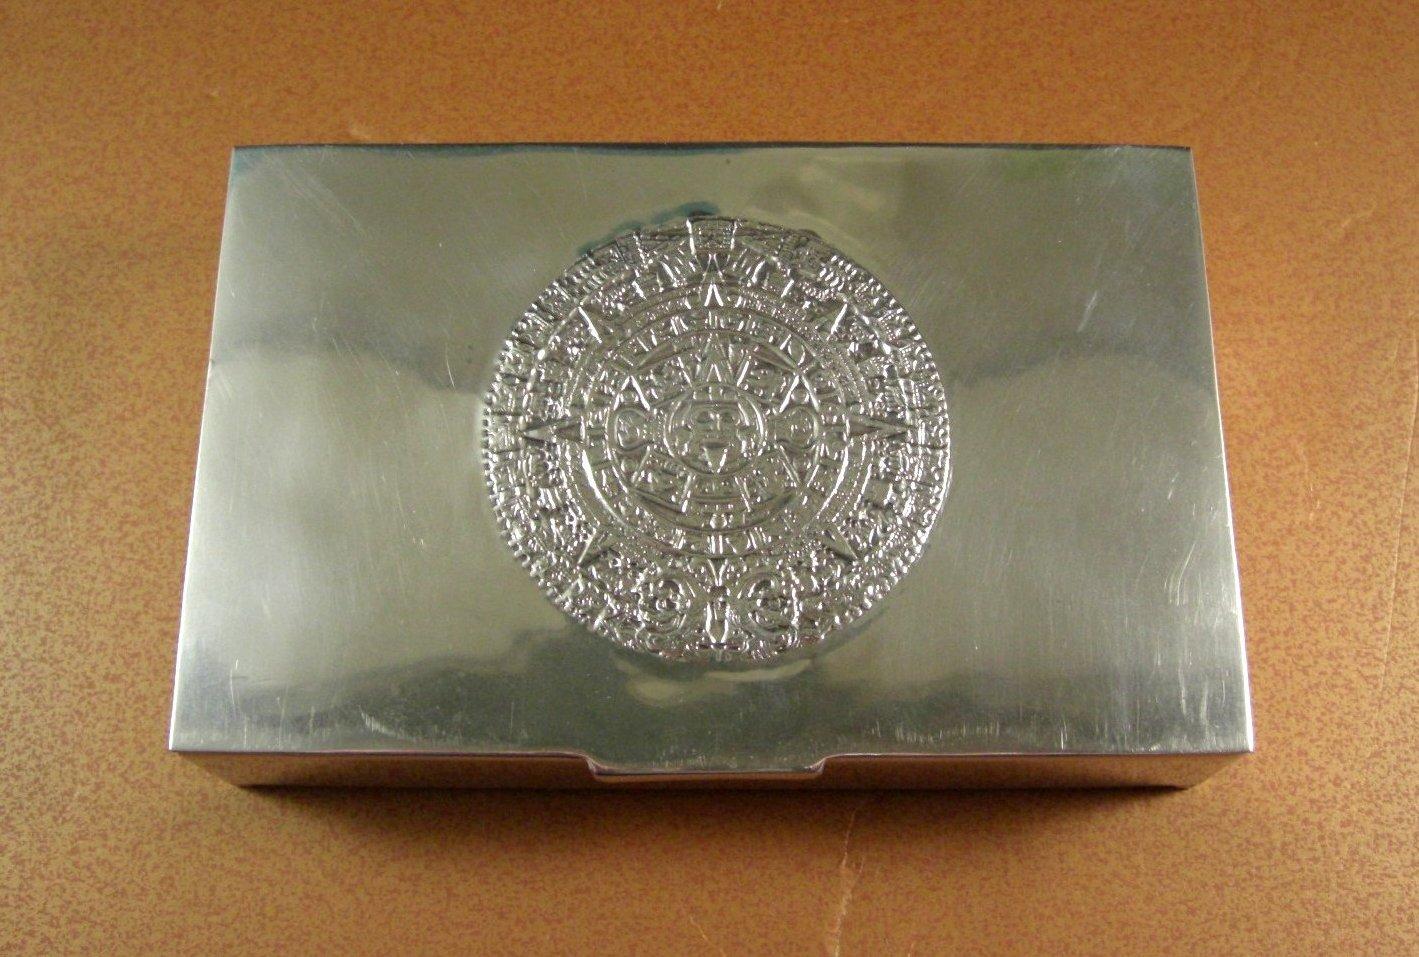 Sterling Silver Cigarette Box Desk Trinket Valet Stash Presentation // M.R.R. //